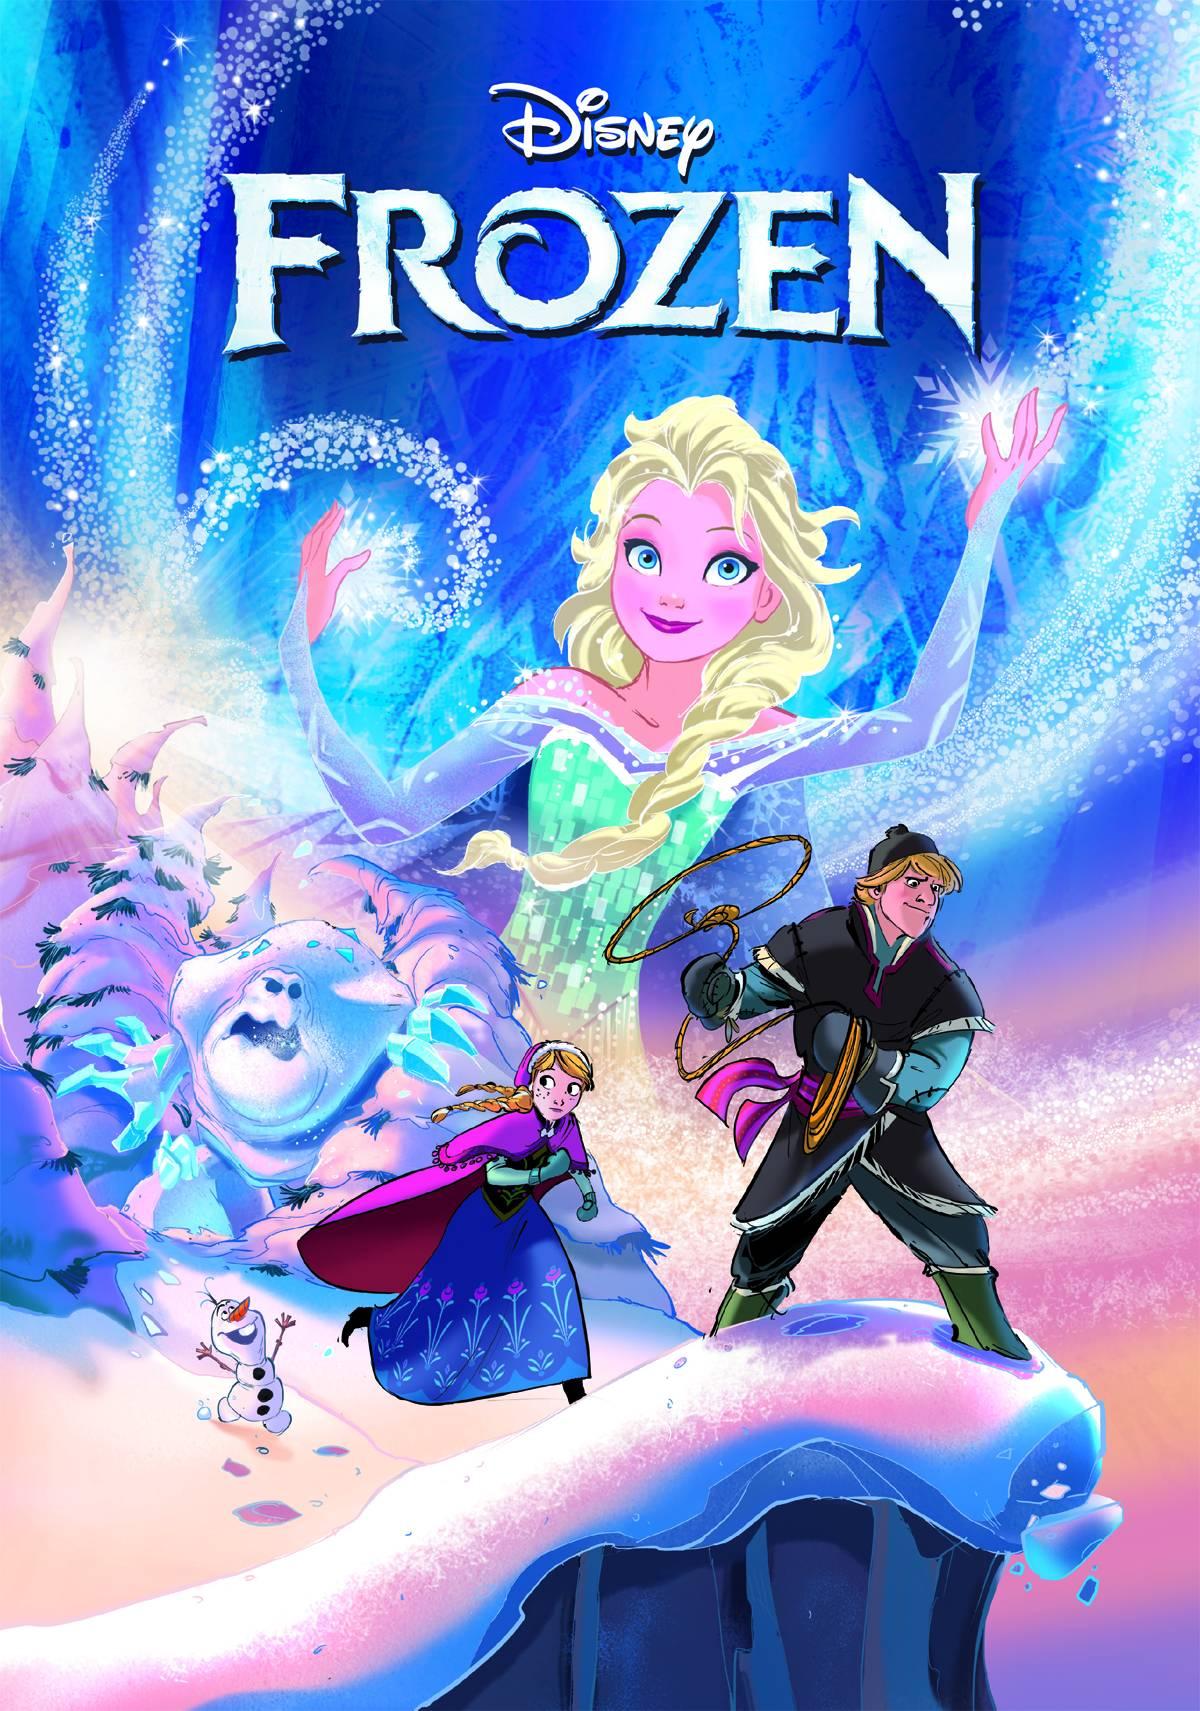 Frozen #1